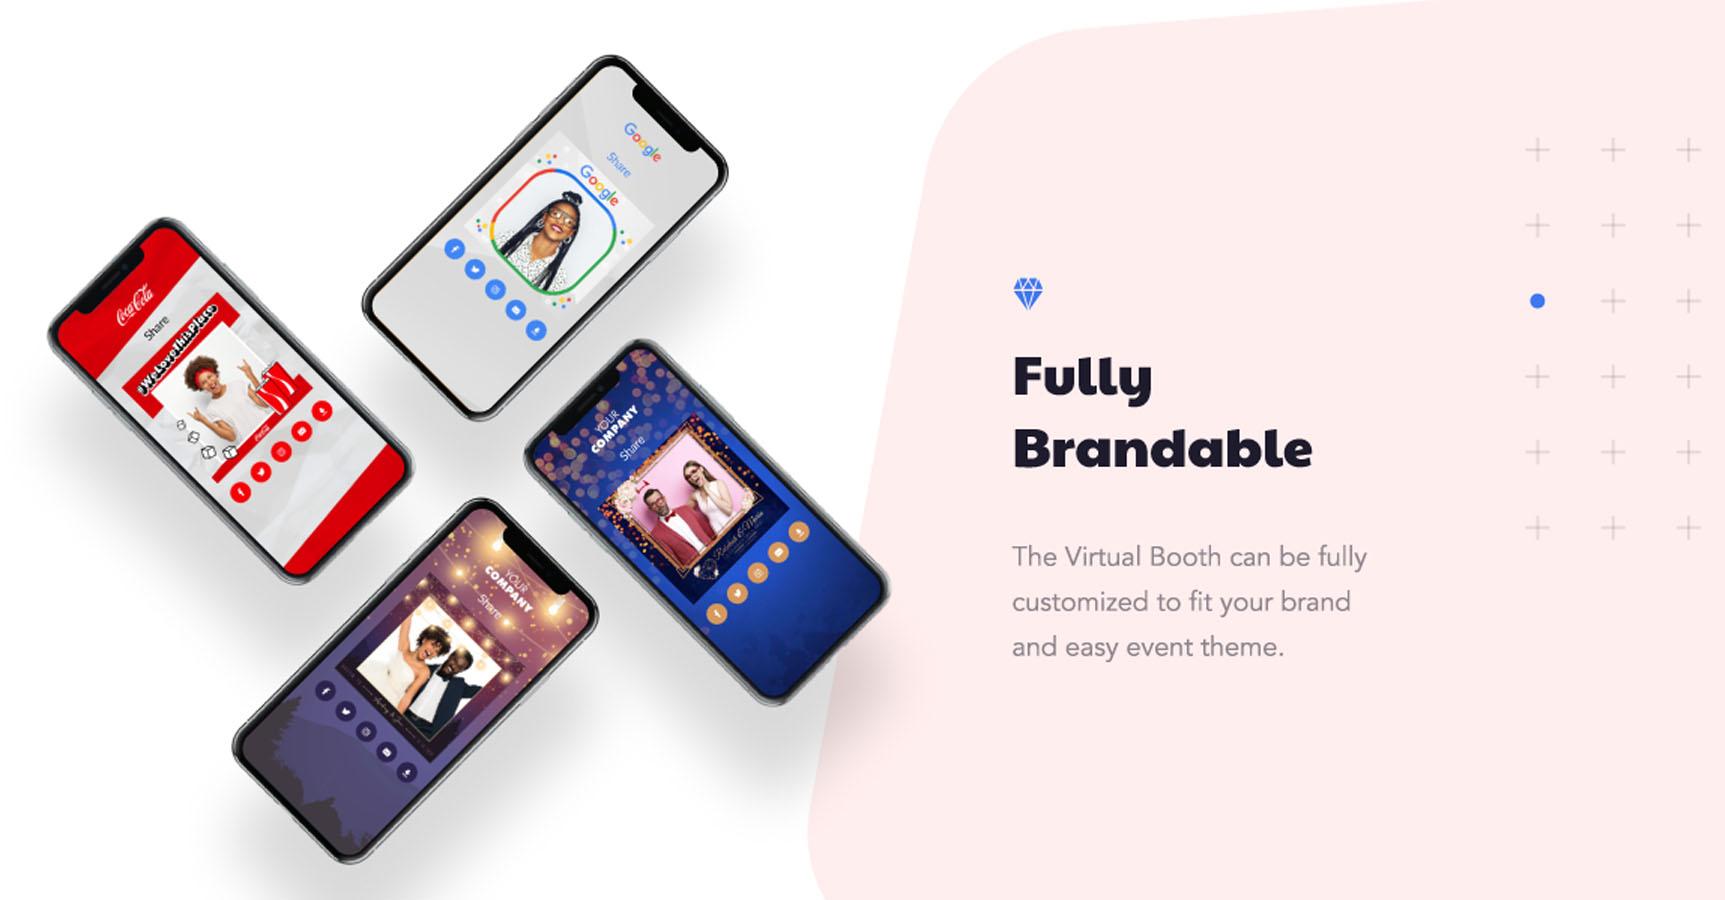 fully brandable